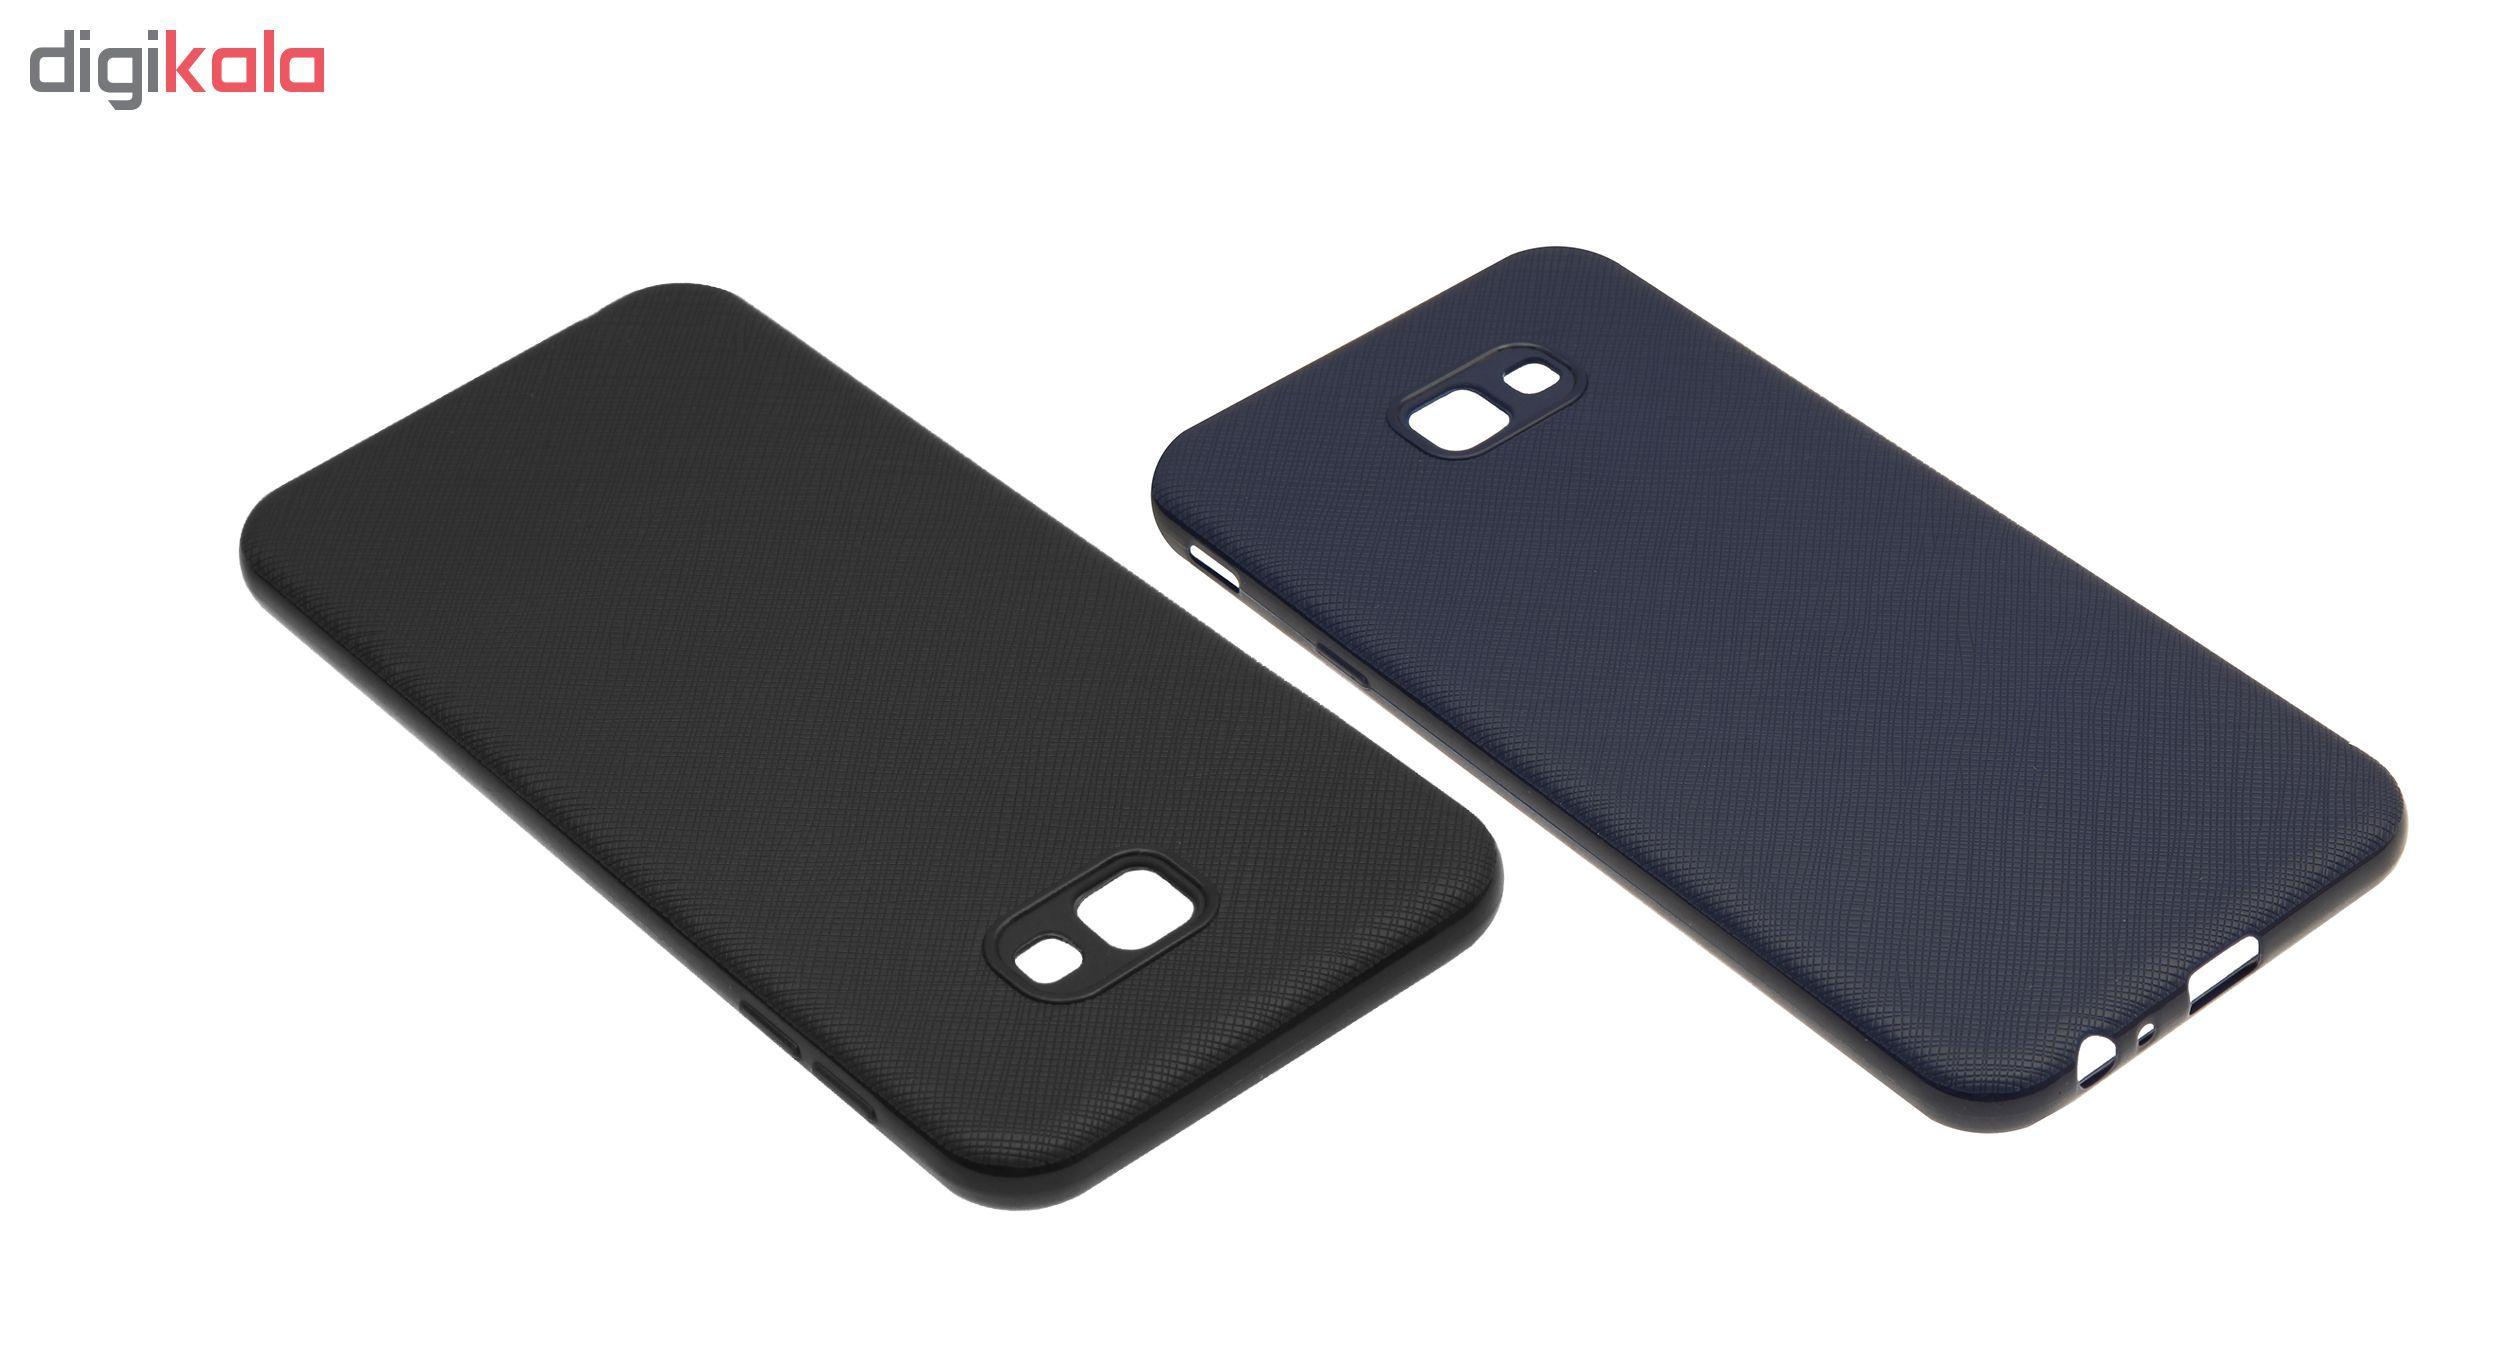 کاور سومگ مدل SC-i001 مناسب برای گوشی موبایل سامسونگ J4 Plus main 1 2